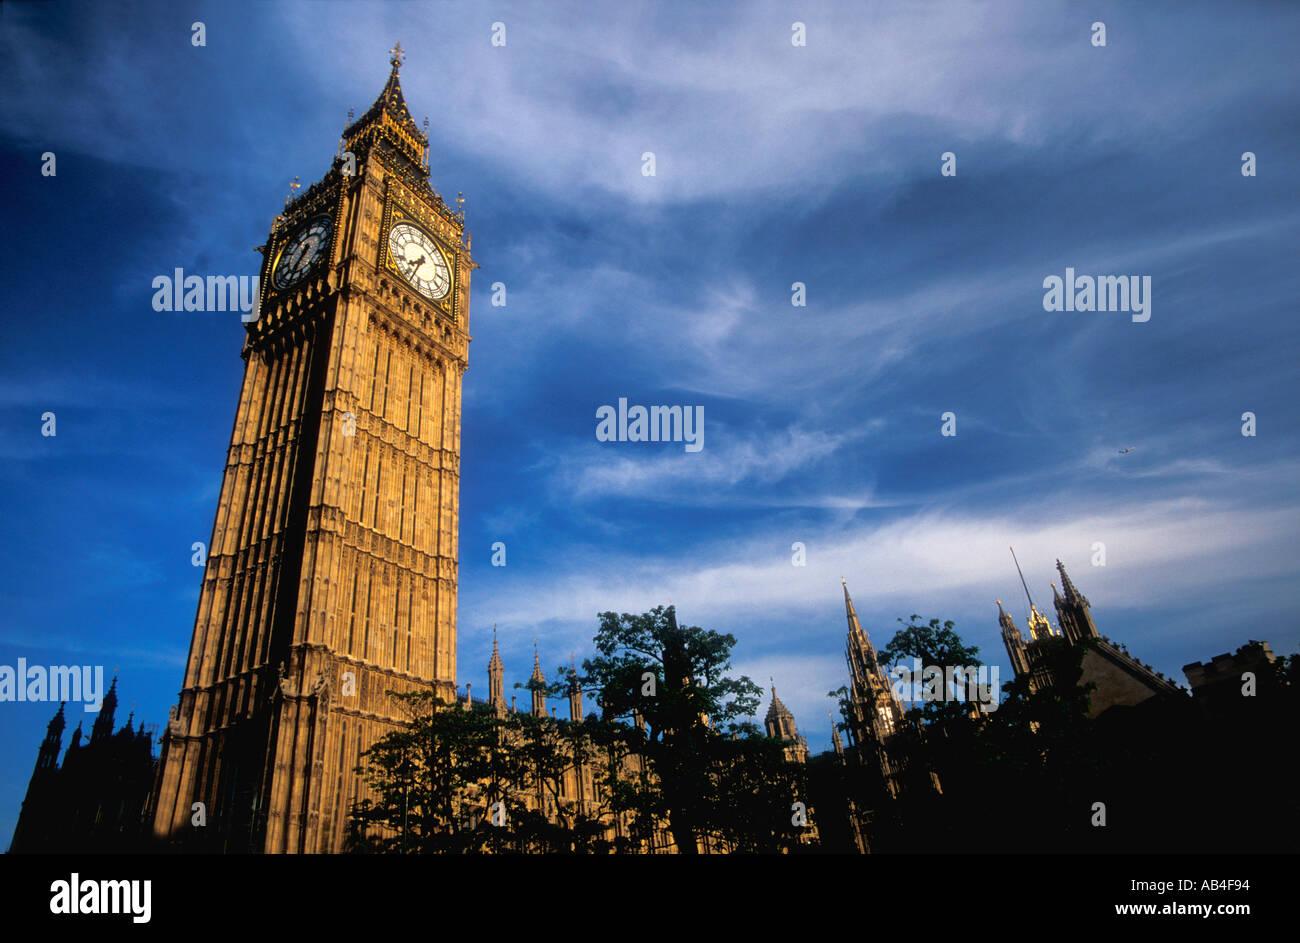 Reloj Big Ben Las Casas del Parlamento de Westminster en Londres noche sol de verano Inglaterra Gran Bretaña Reino Unido GB Foto de stock